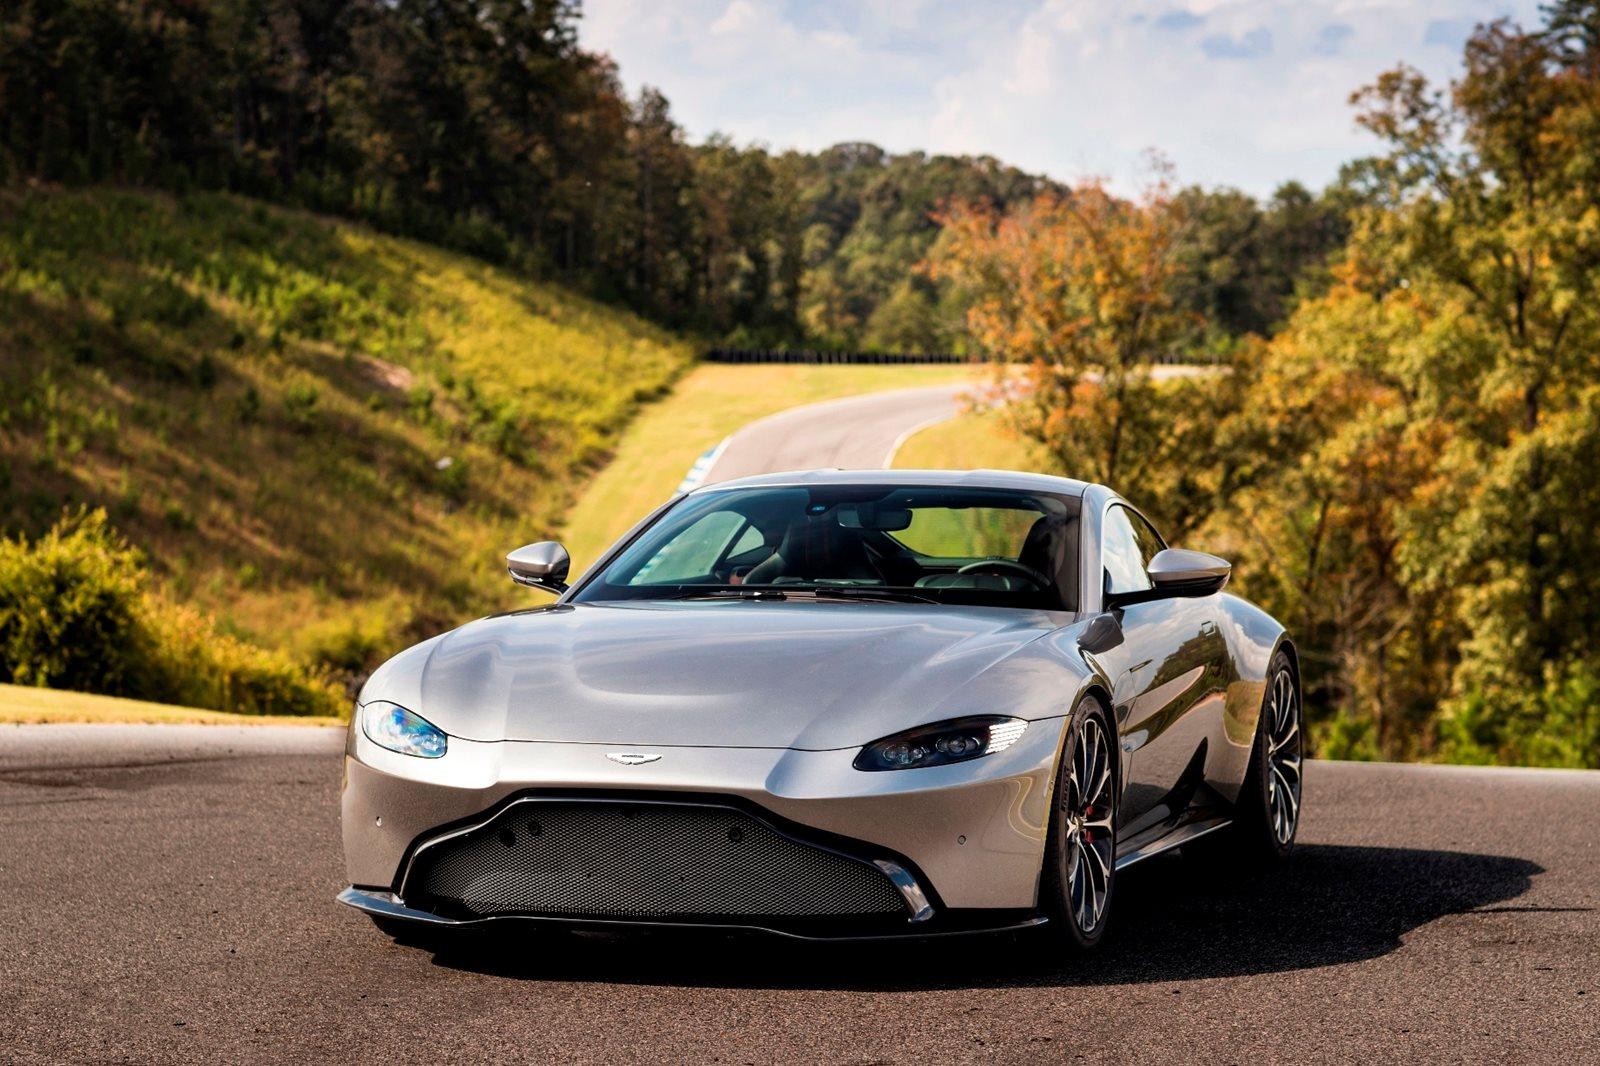 Aston Martin Vantage Coupe Review Trims Specs And Price CarBuzz - 2018 aston martin vantage